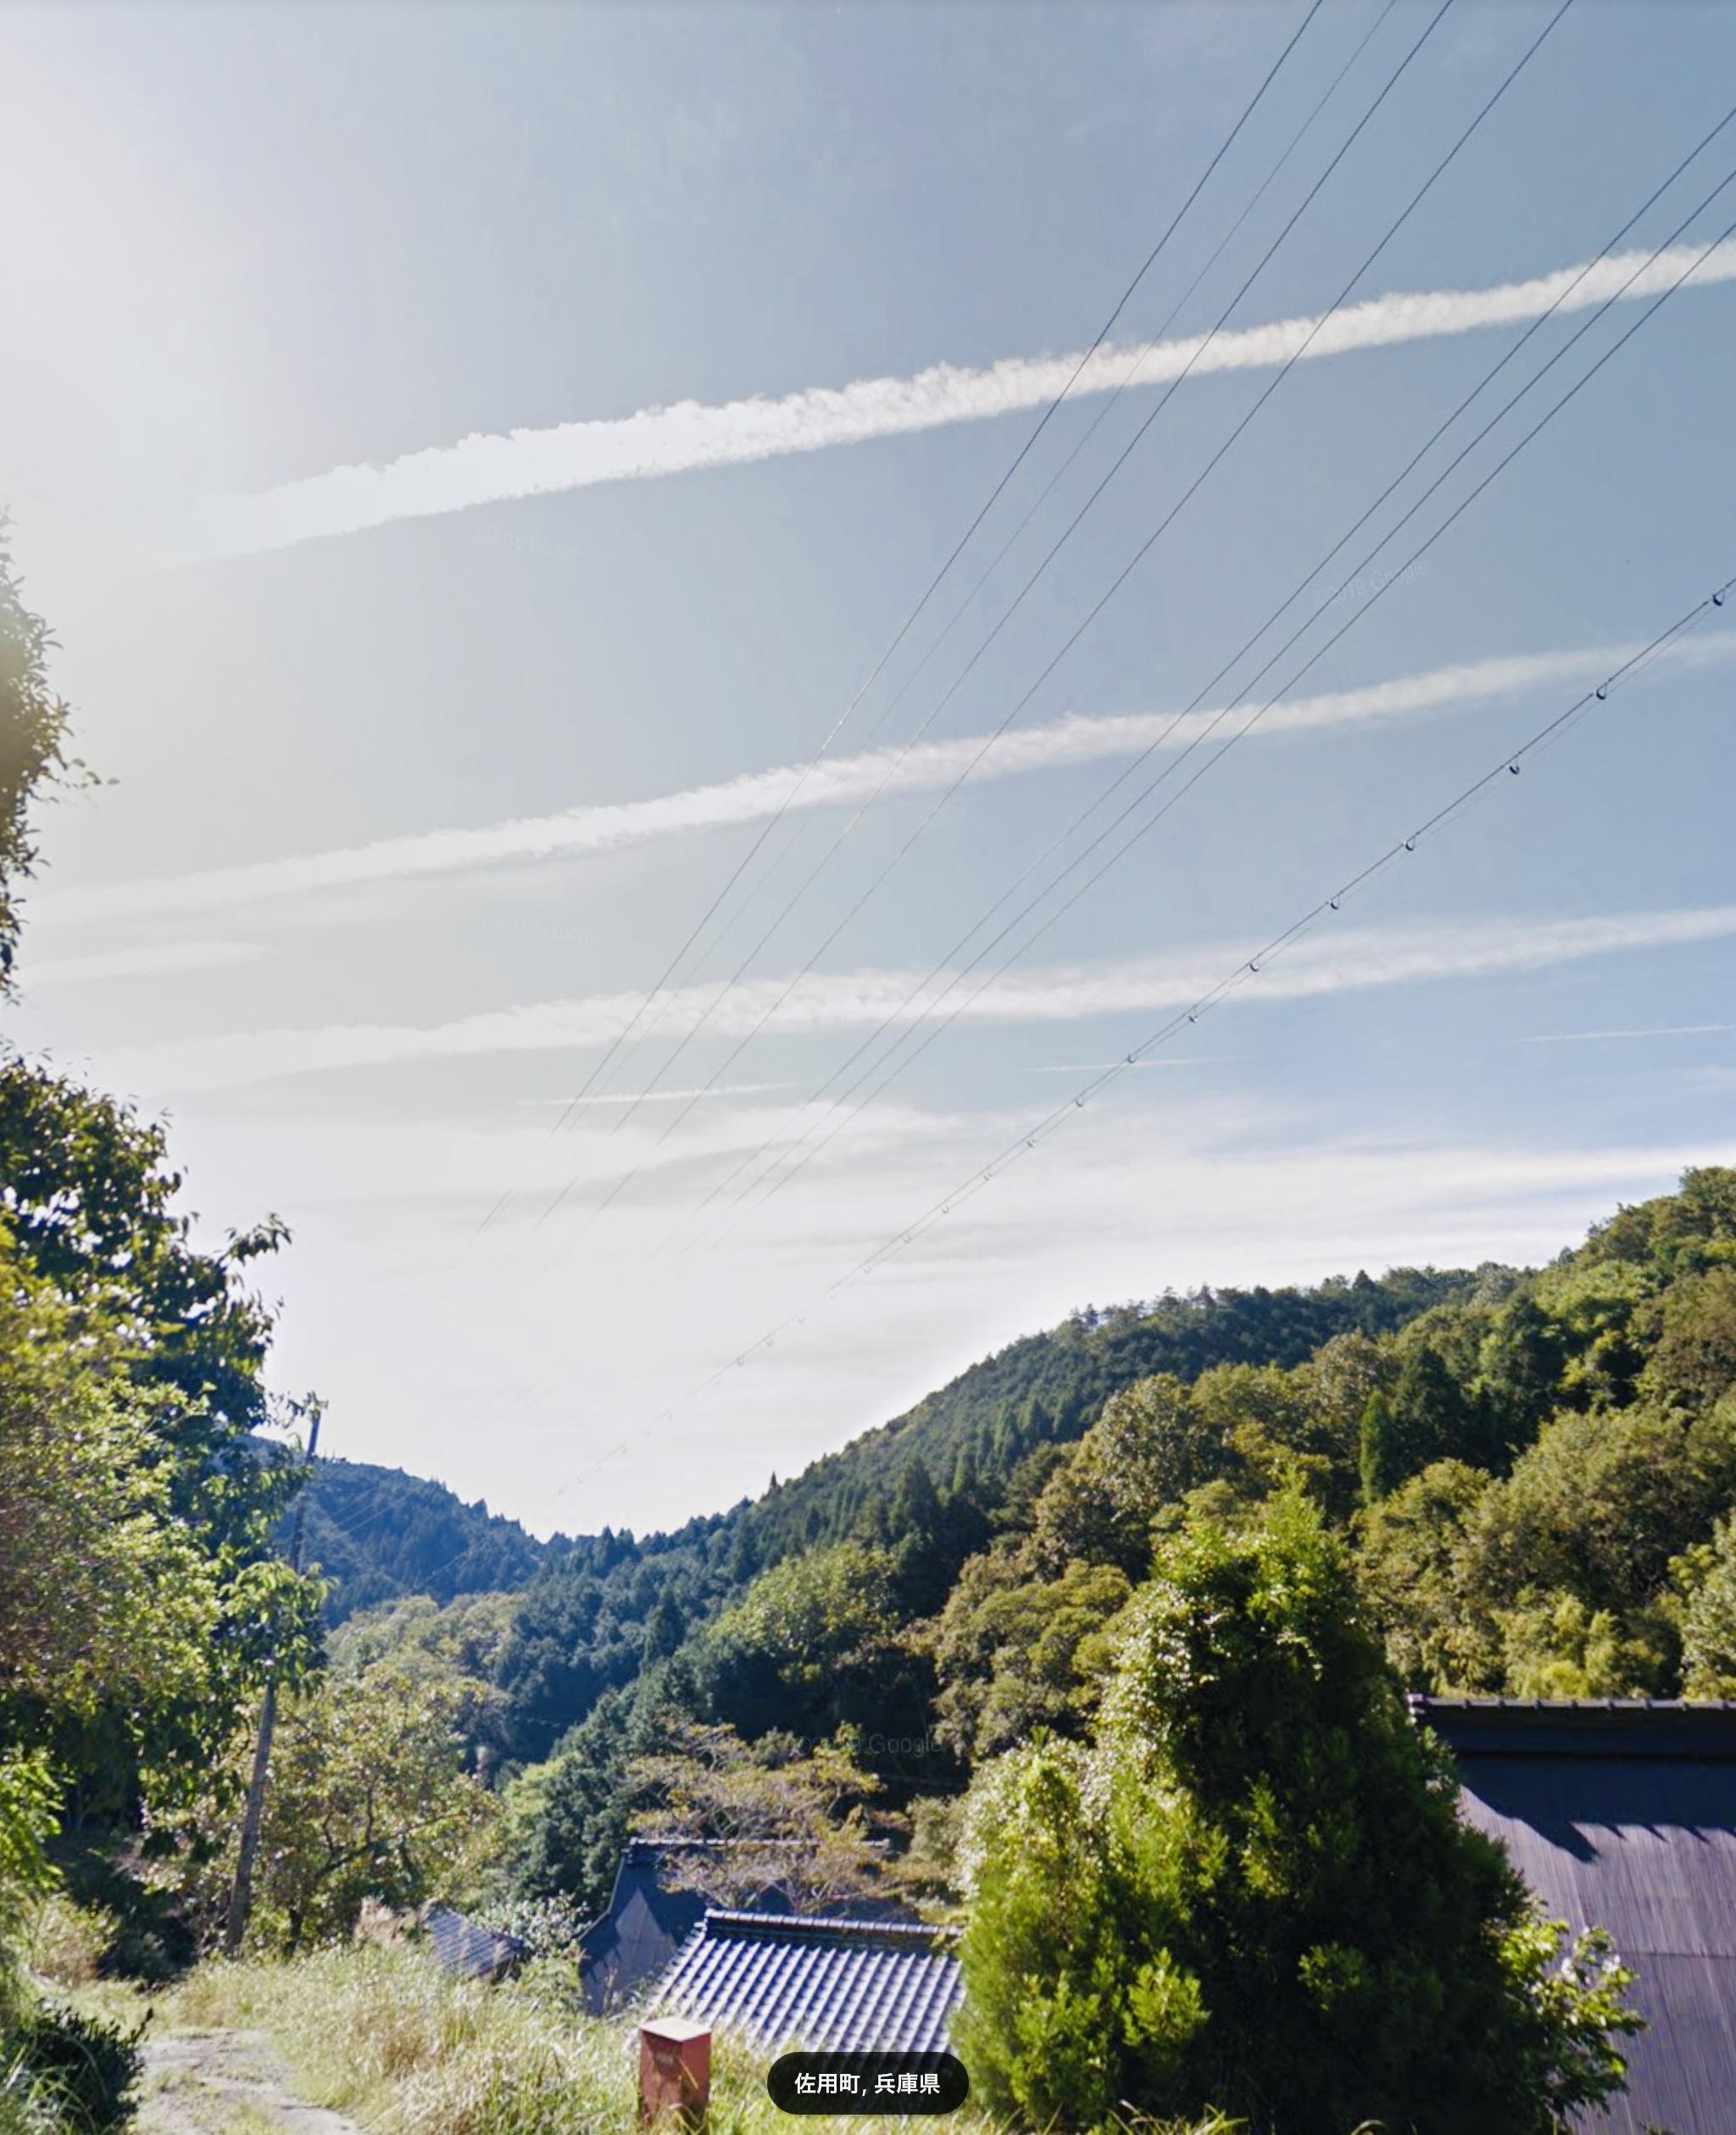 兵庫県佐用郡佐用町大日山にある古民家付、山林、田畑です。